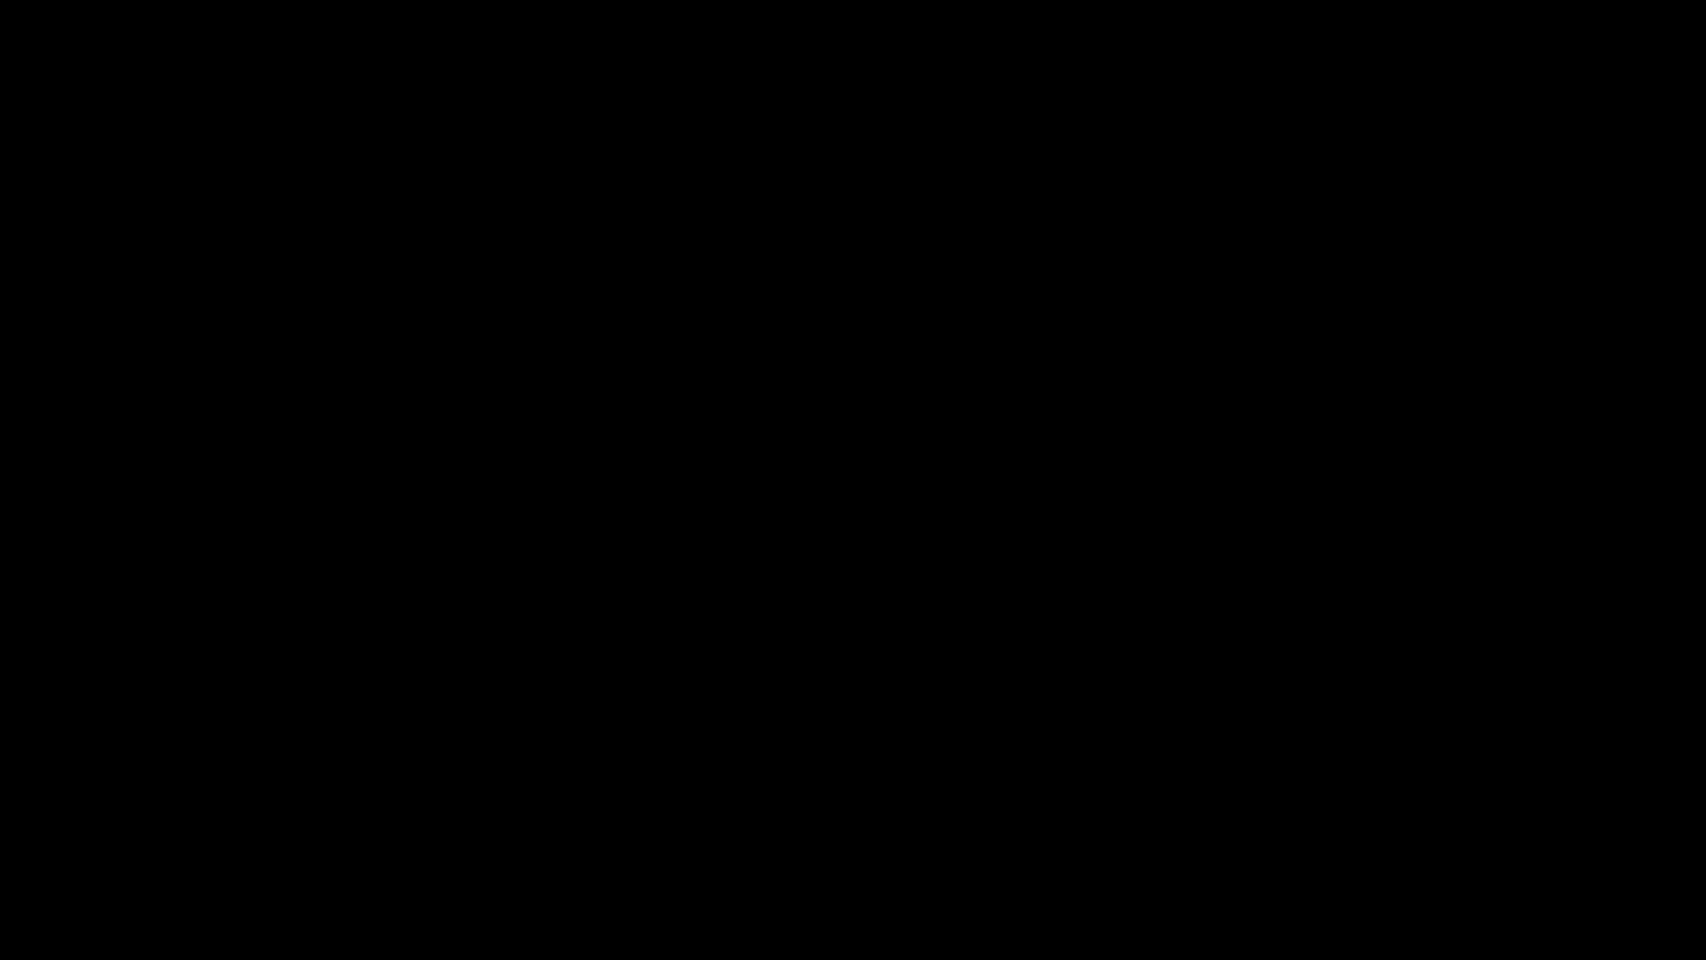 17277_01.jpg